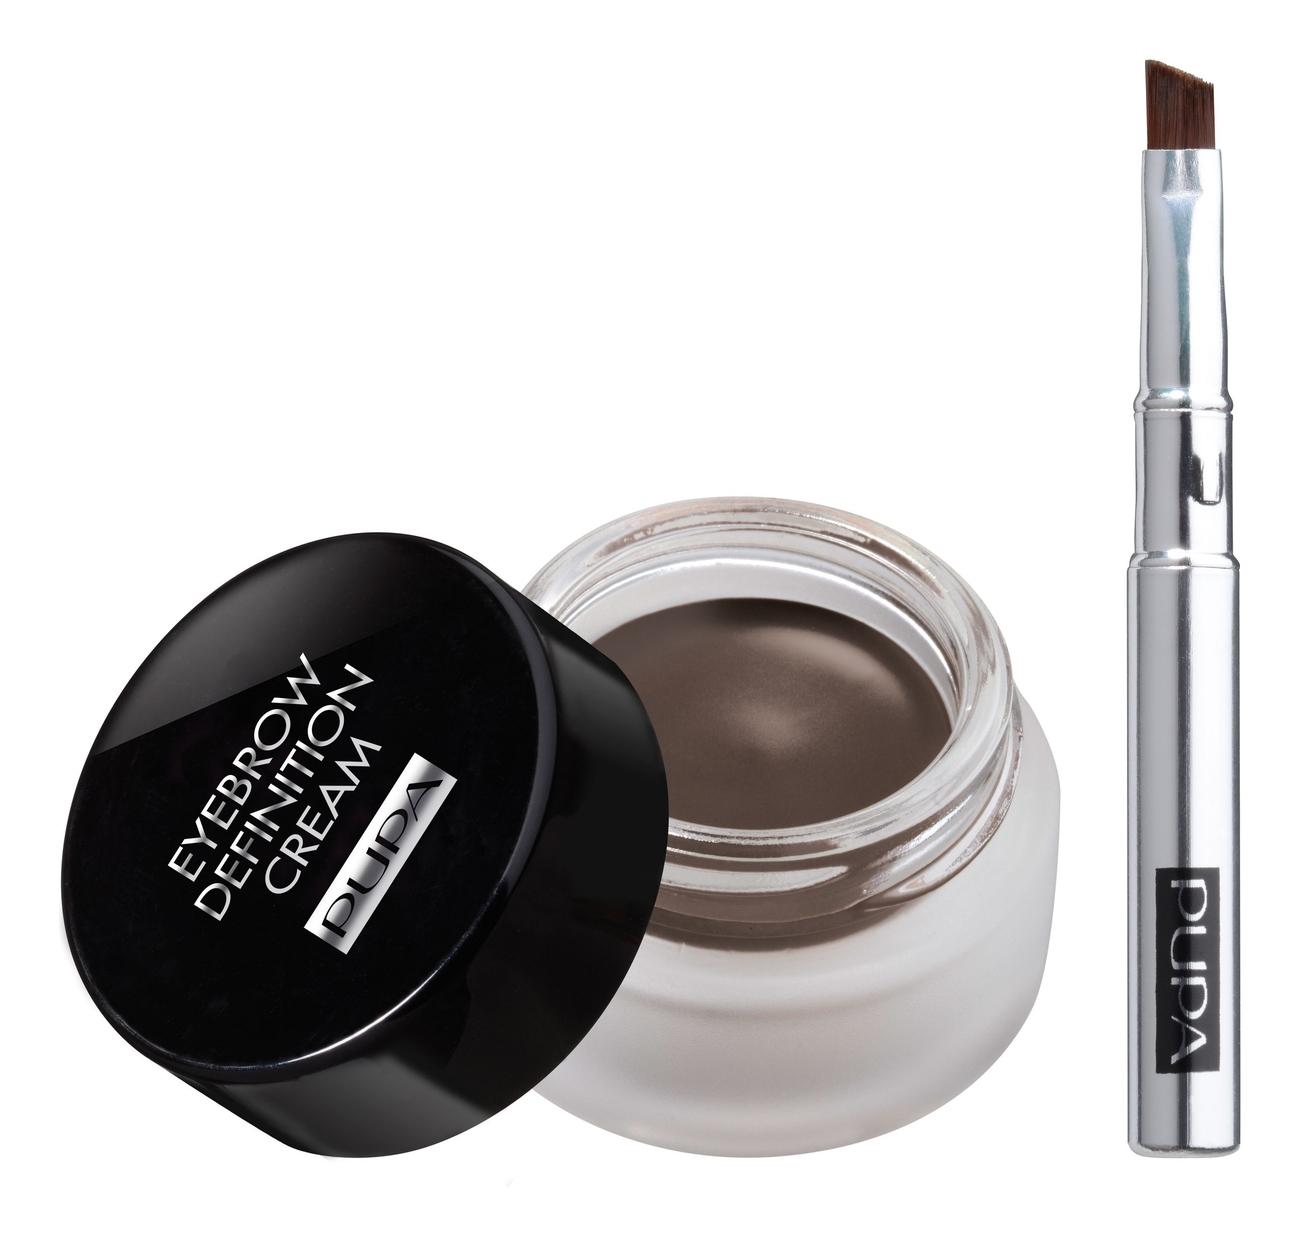 Купить Крем для бровей Eyebrow Definition Cream 2, 7мл: 004 Dark Chocolate, PUPA Milano